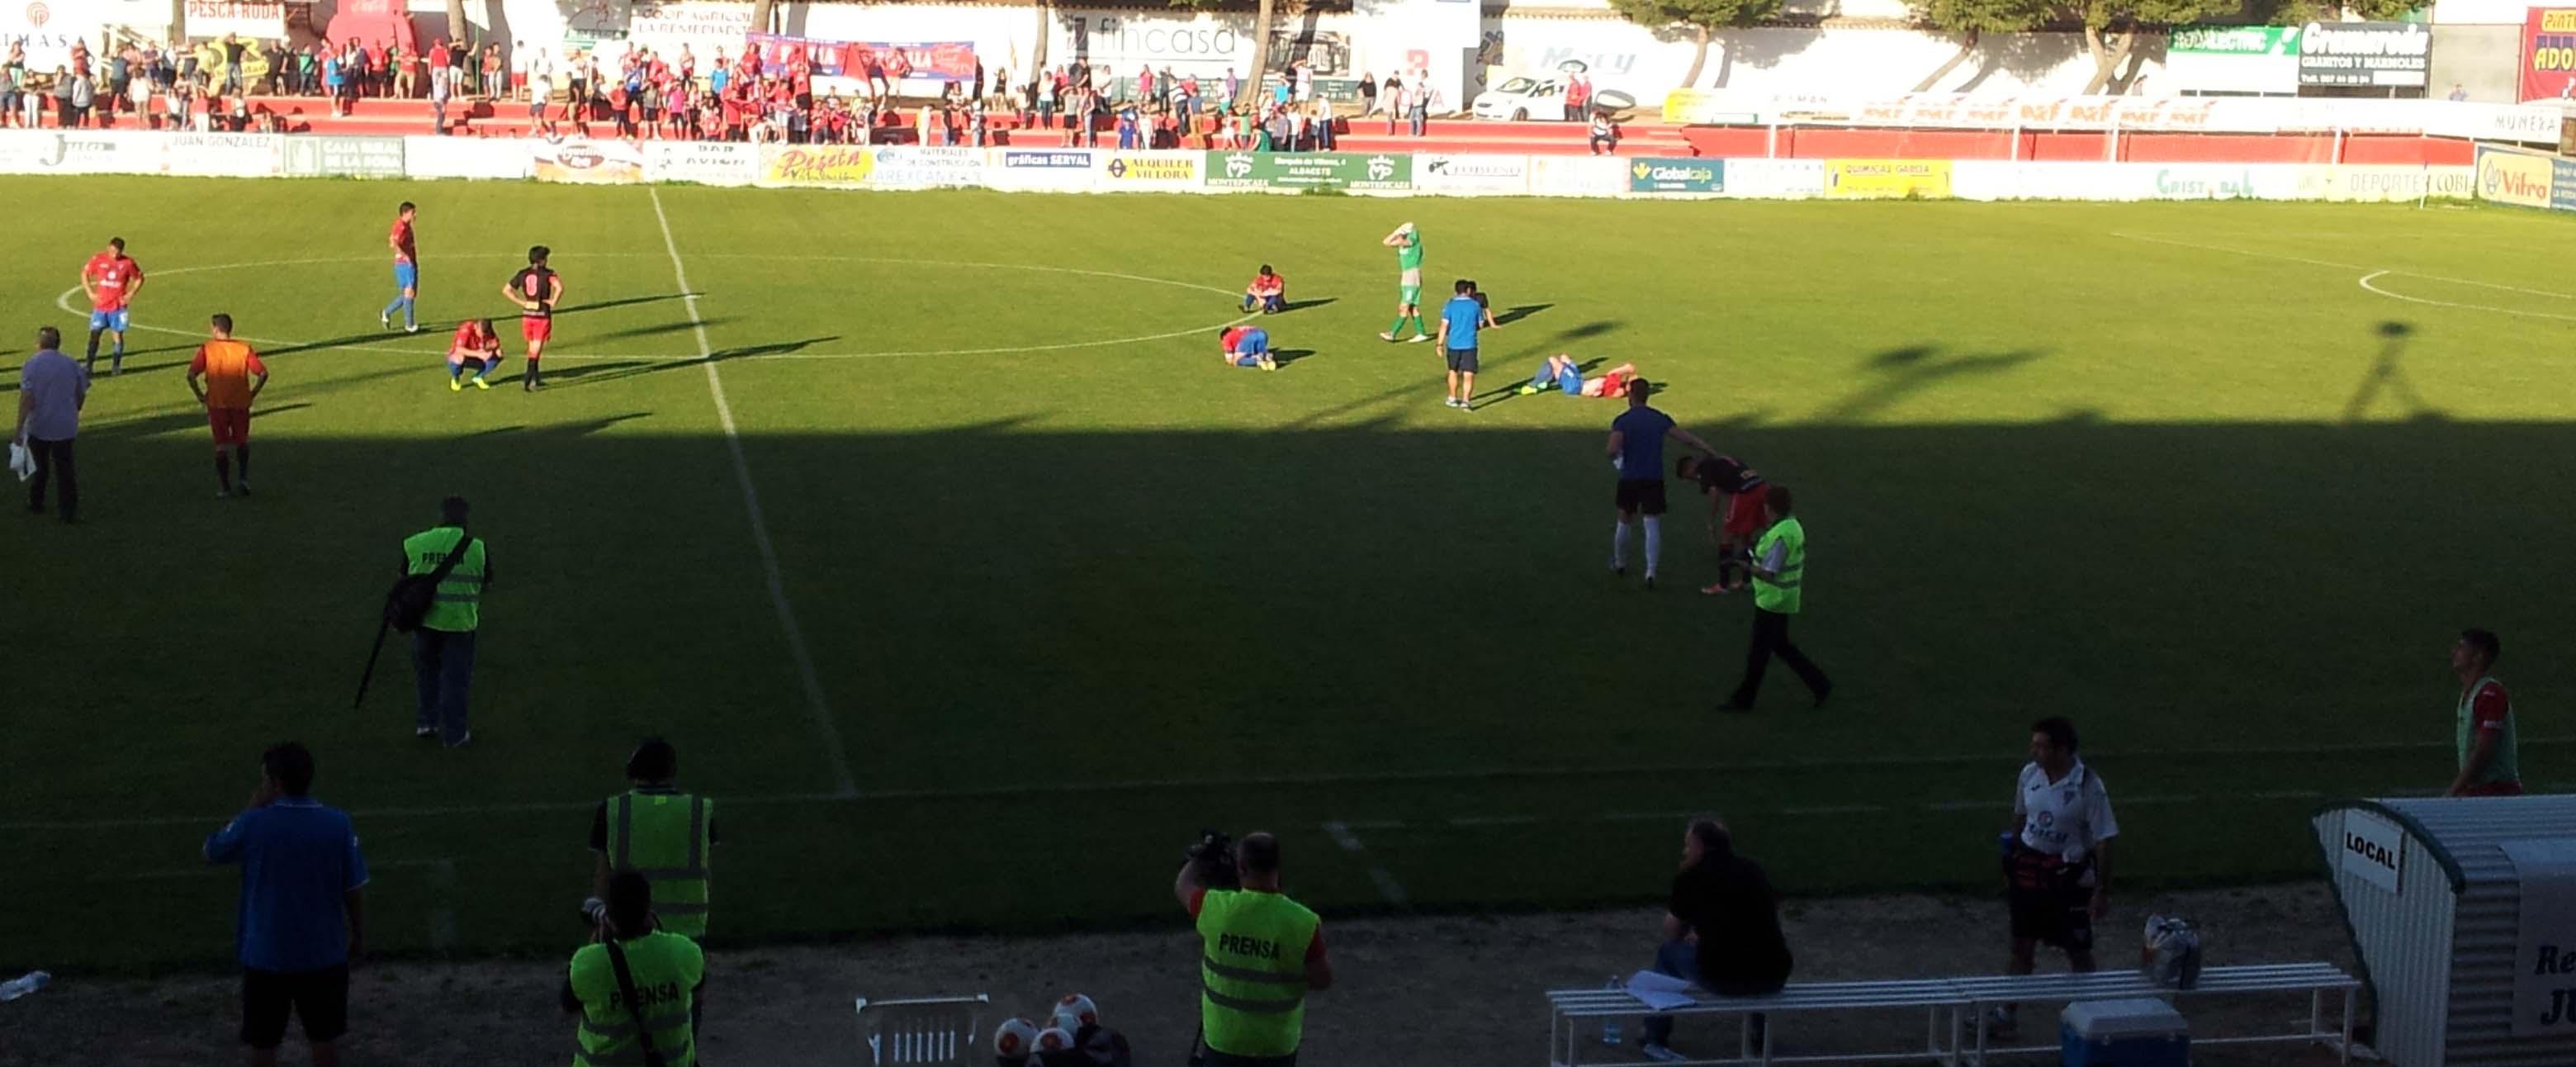 La Roda CF - Algeciras CF